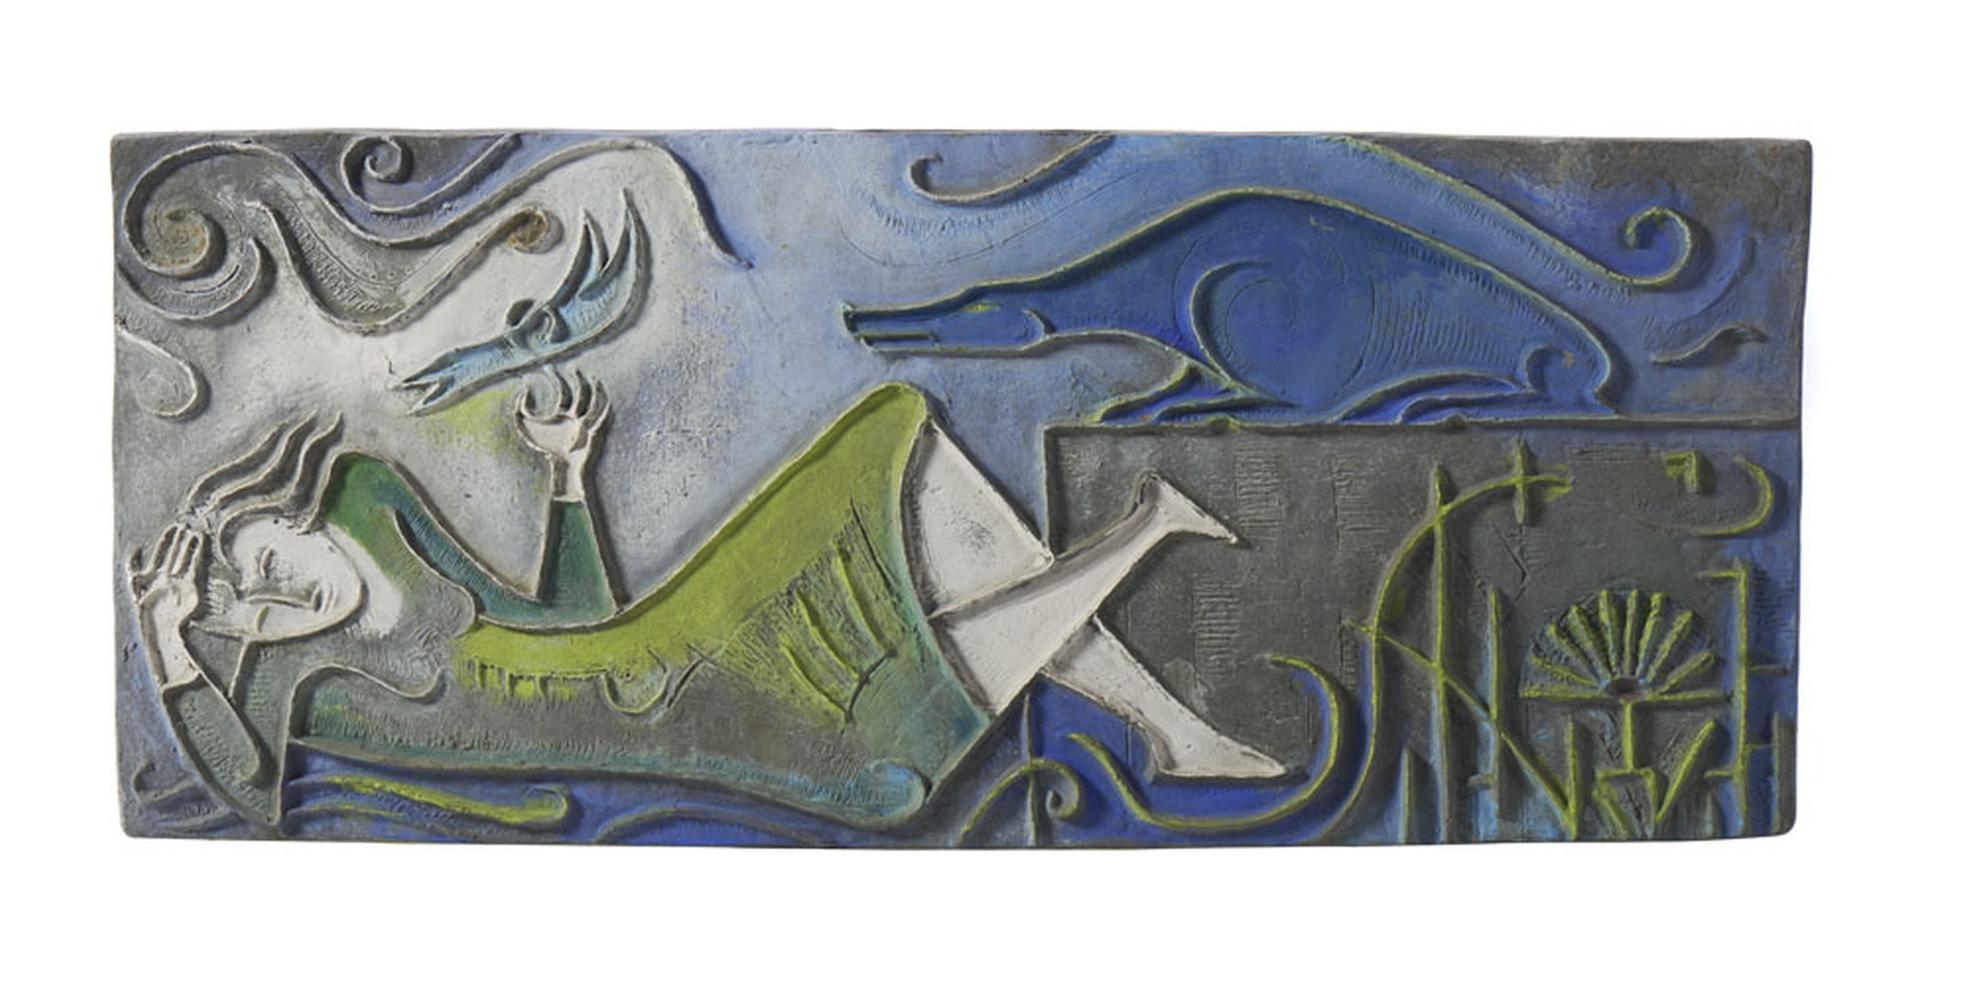 FLÁVIA MONSARAZ, Placa em metal pintado